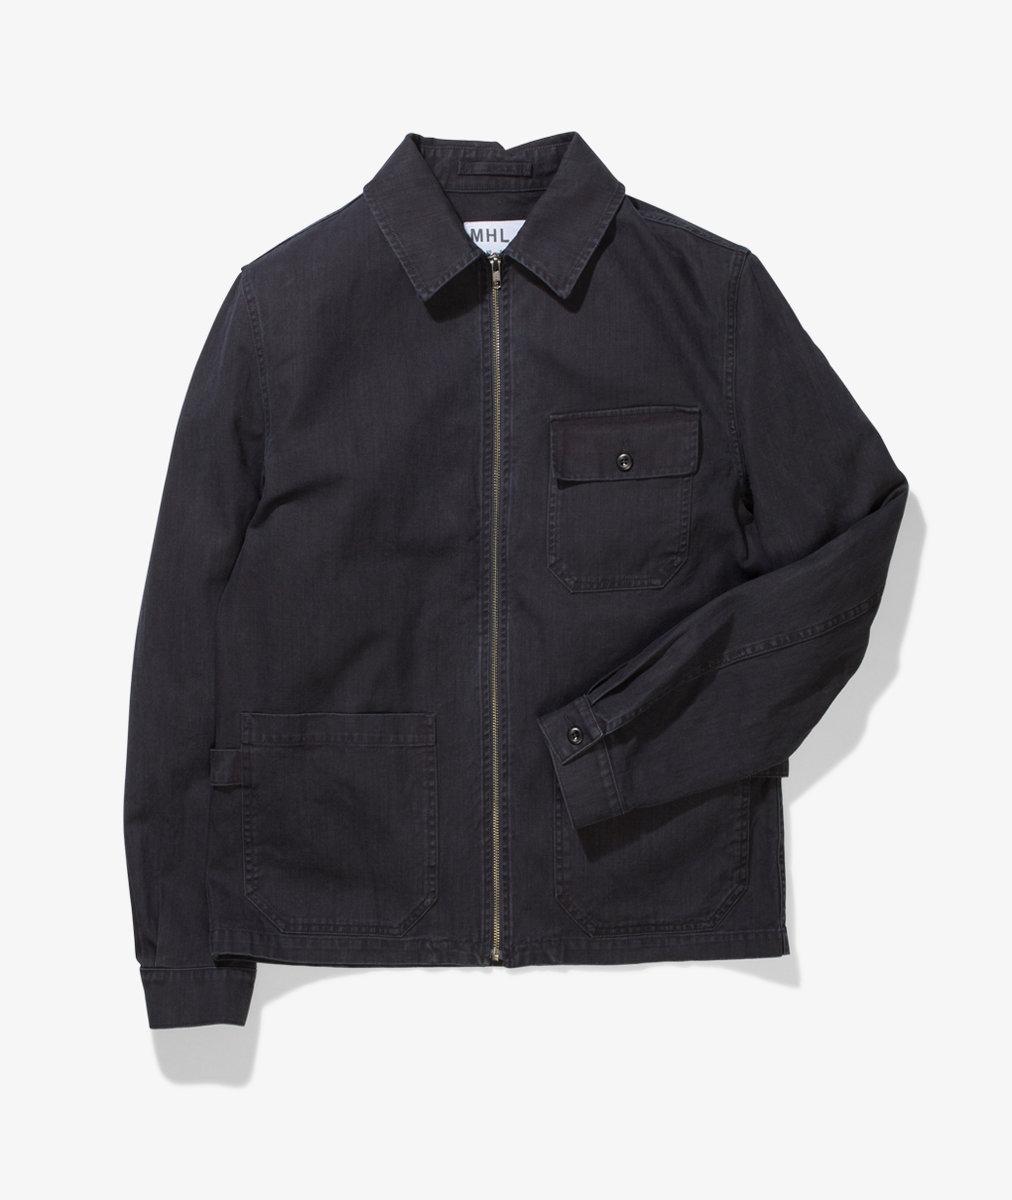 margaret-howell-mhl-side-adjustor-jacket_u.jpg